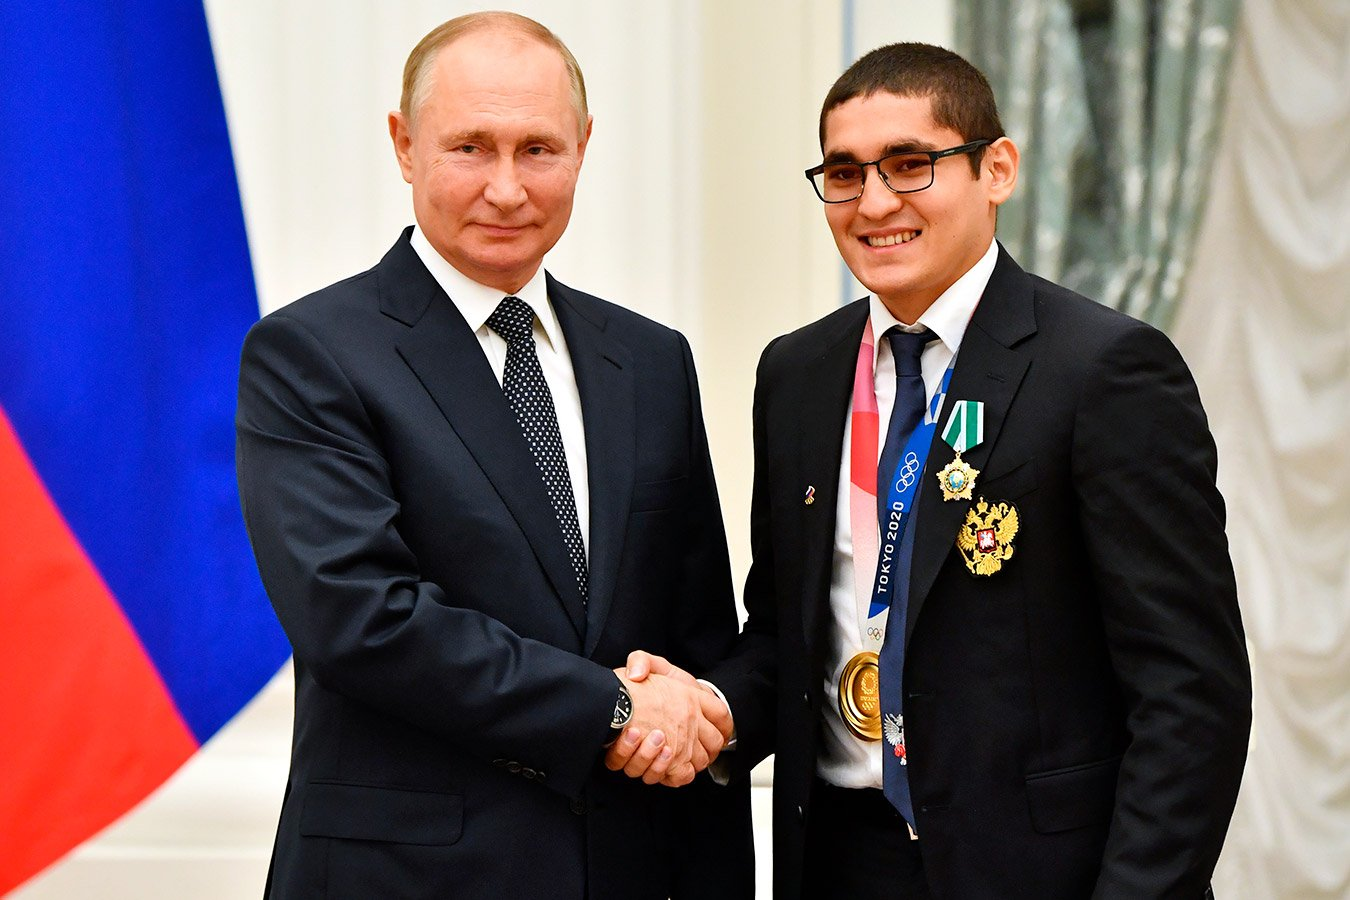 Олимпийский чемпион по боксу Альберт Батыргазиев пригласил Путина на совместную тренировку